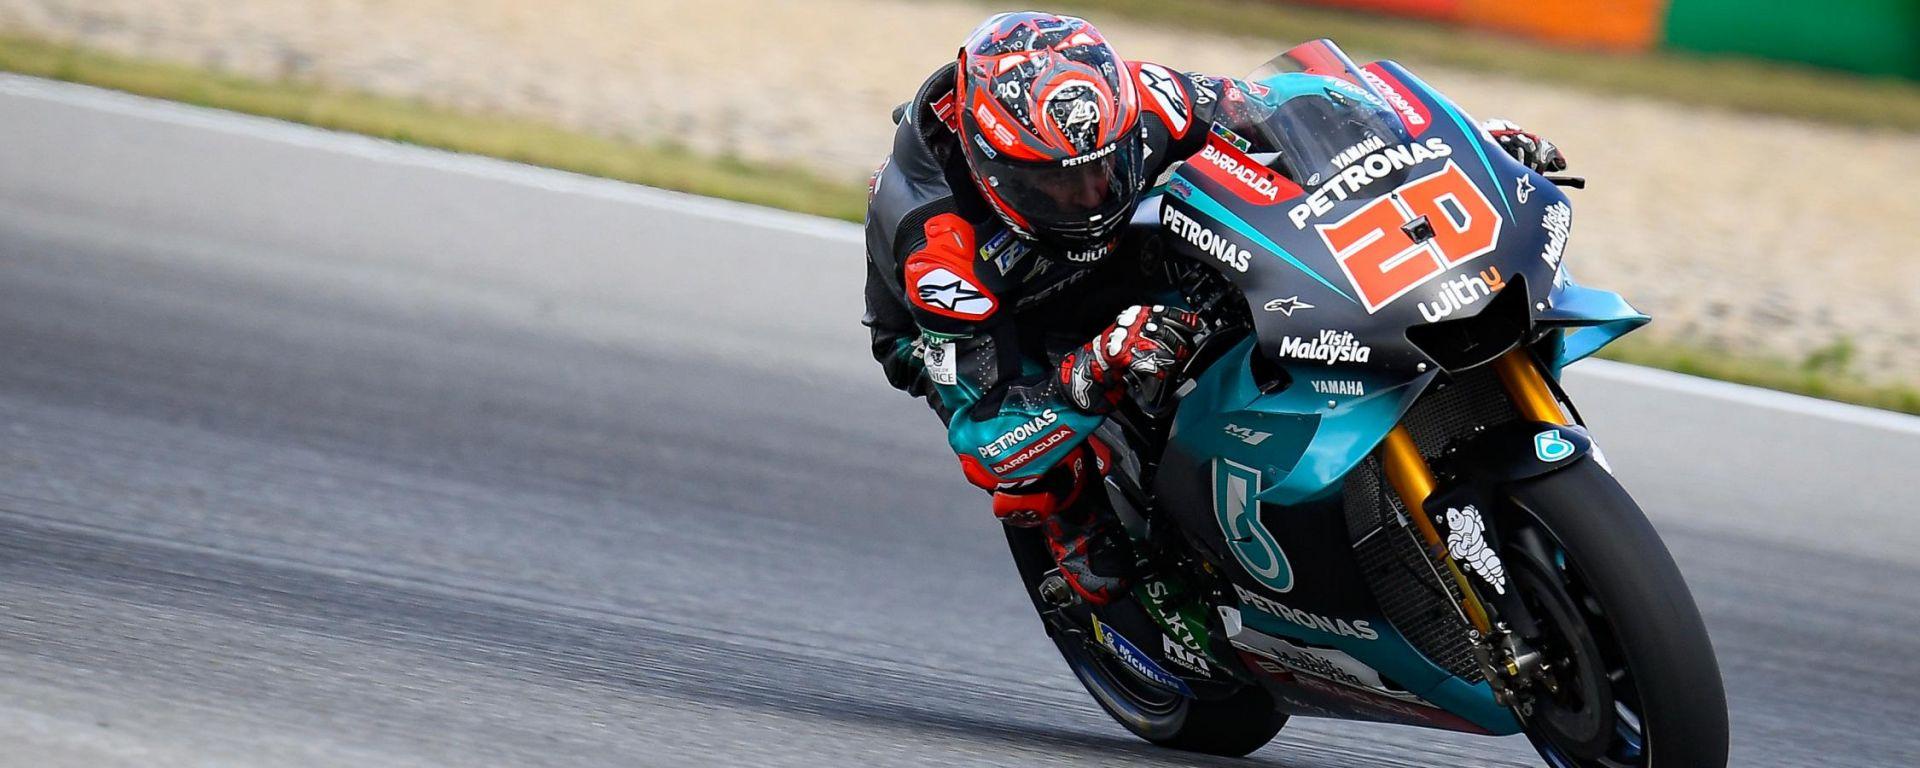 GP Rep. Ceca 2019, Brno, Fabio Quartararo (Yamaha)